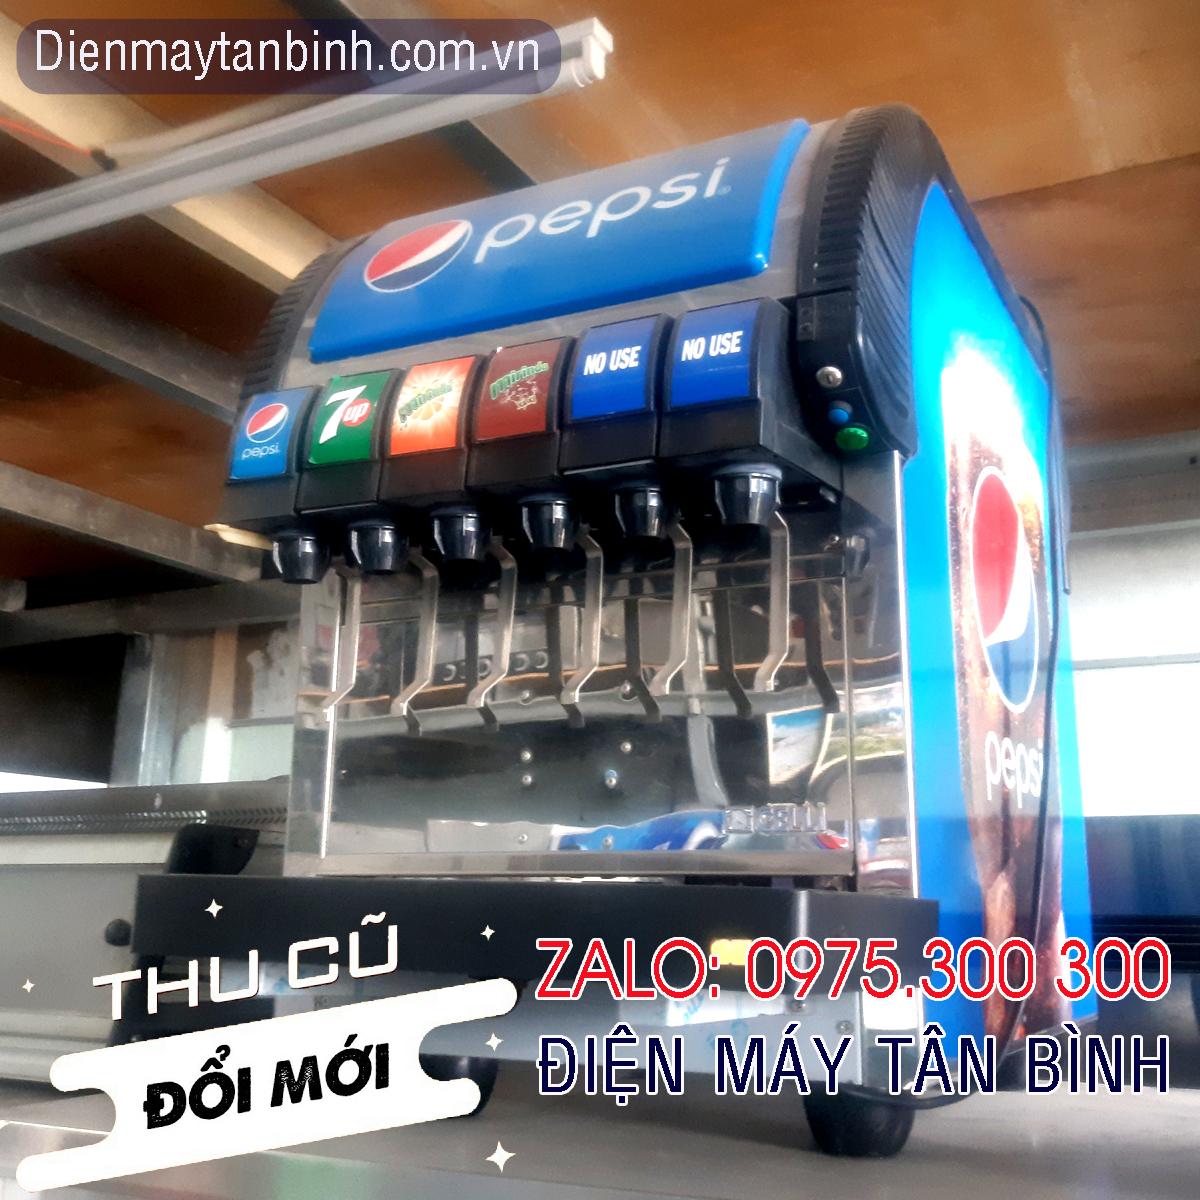 Bán thanh lý máy cũ, cho thuê máy pha nước ngọt Pepsi/Coca 6 vòi